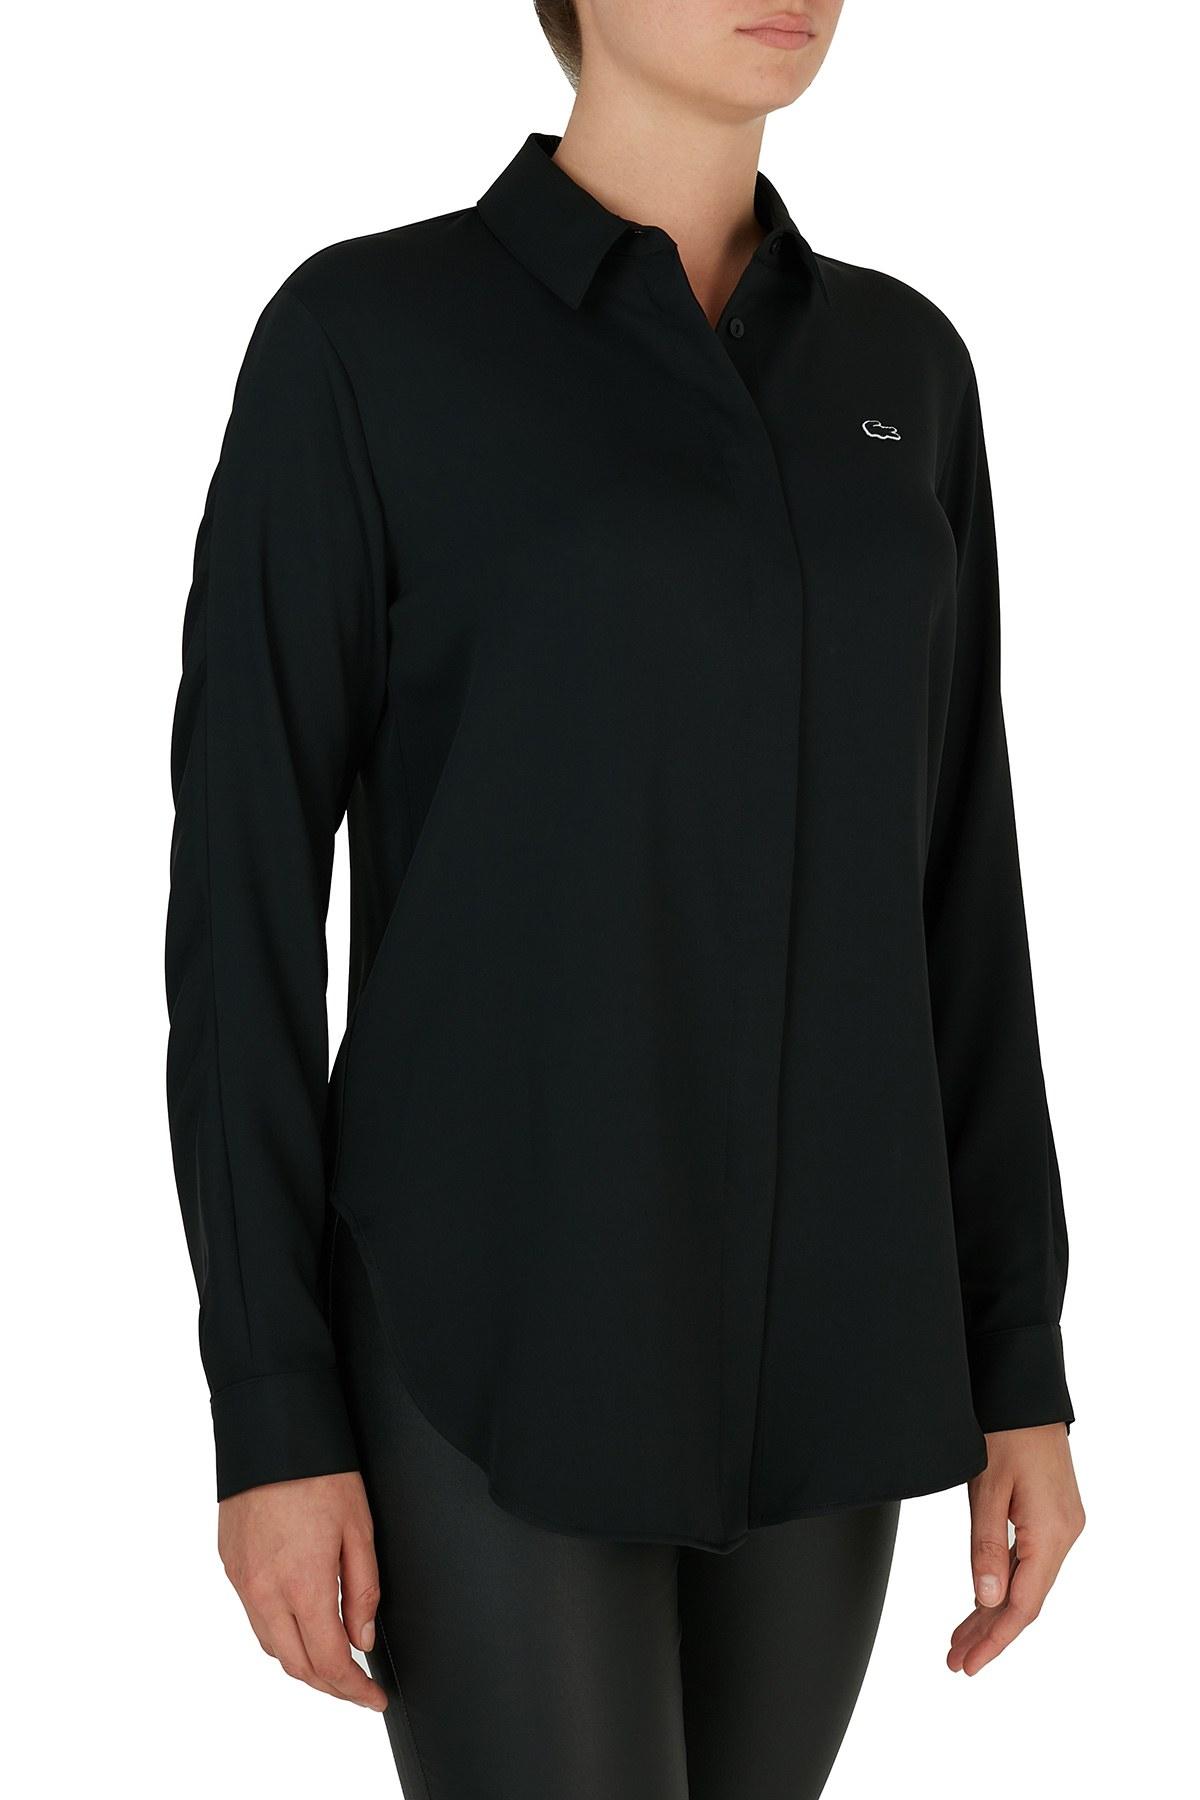 Lacoste Düz Yaka Kadın Gömlek CF2108 08S SİYAH